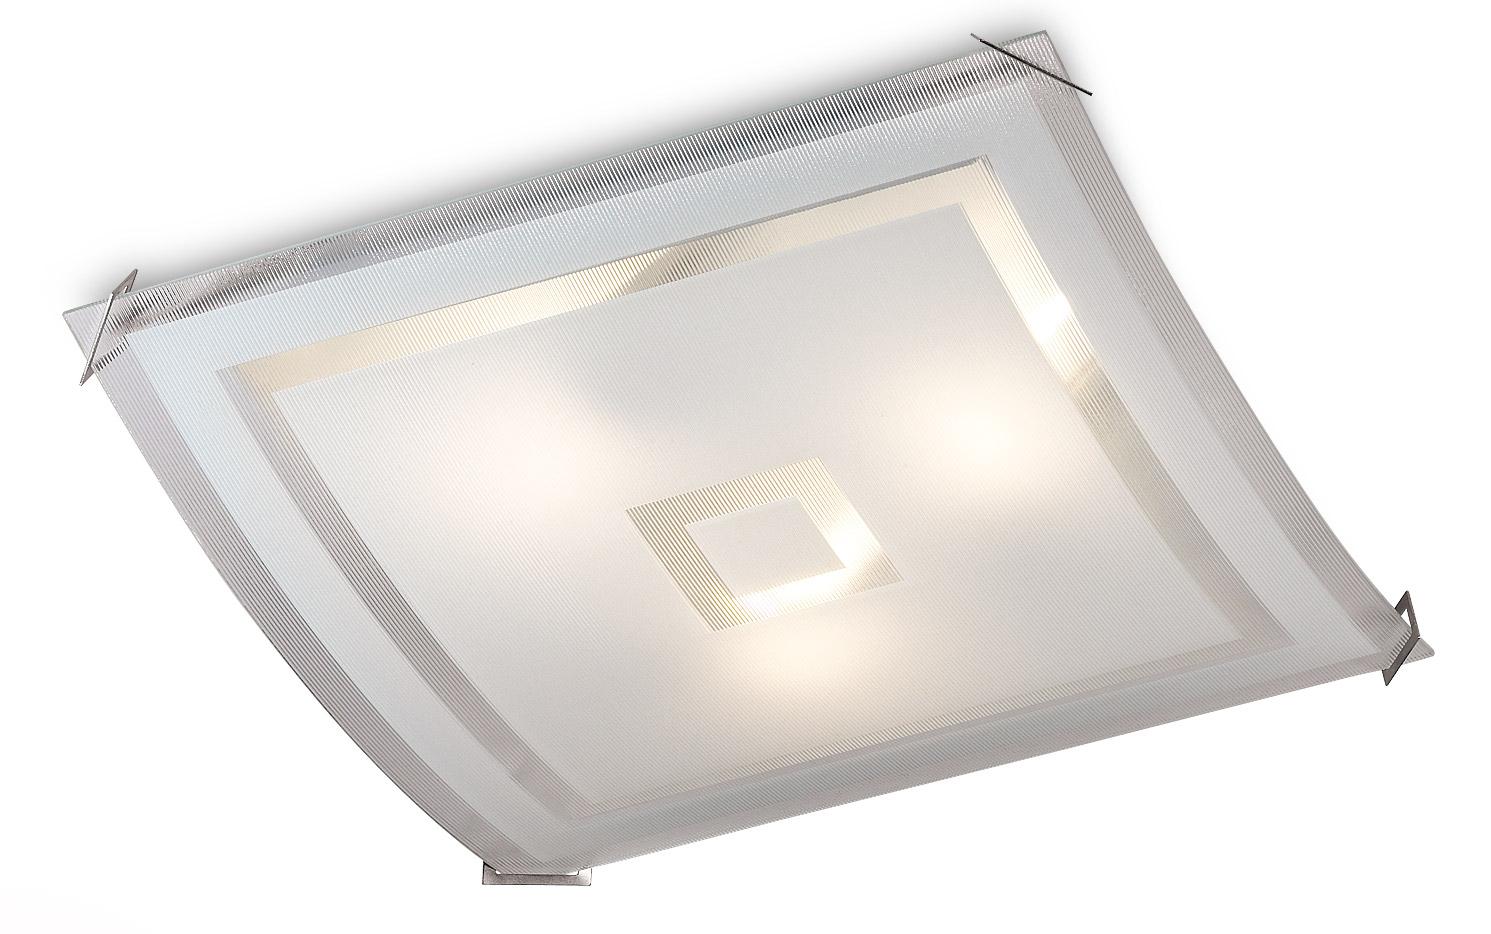 потолочный светильник сонекс 3227 fbr12 014 Светильник настенно-потолочный СОНЕКС 3120